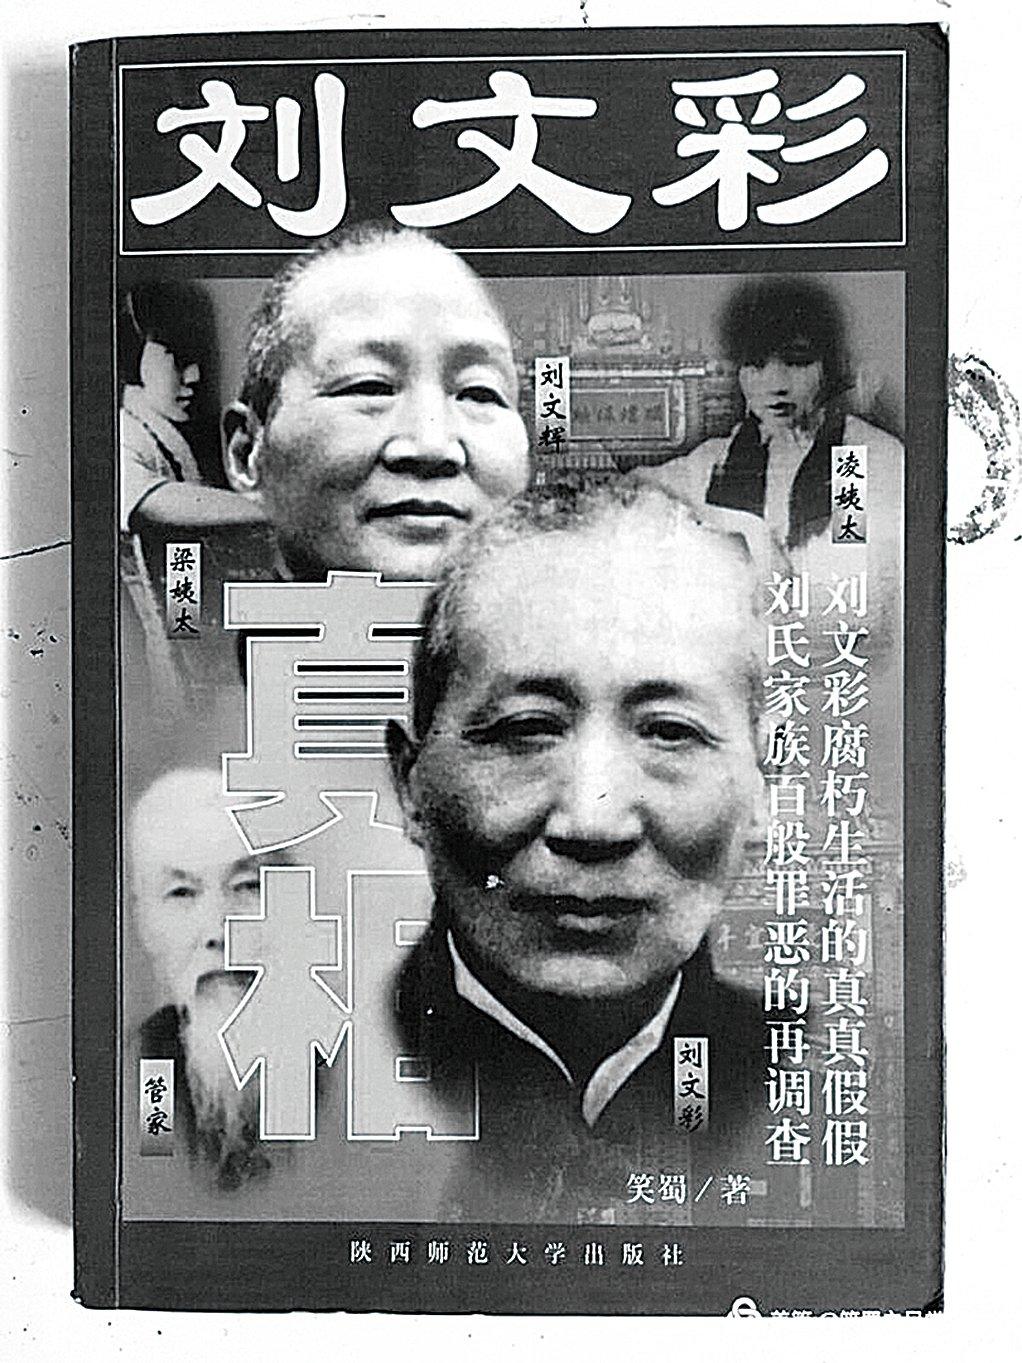 《劉文彩真相》一書的封面。(網絡圖片)